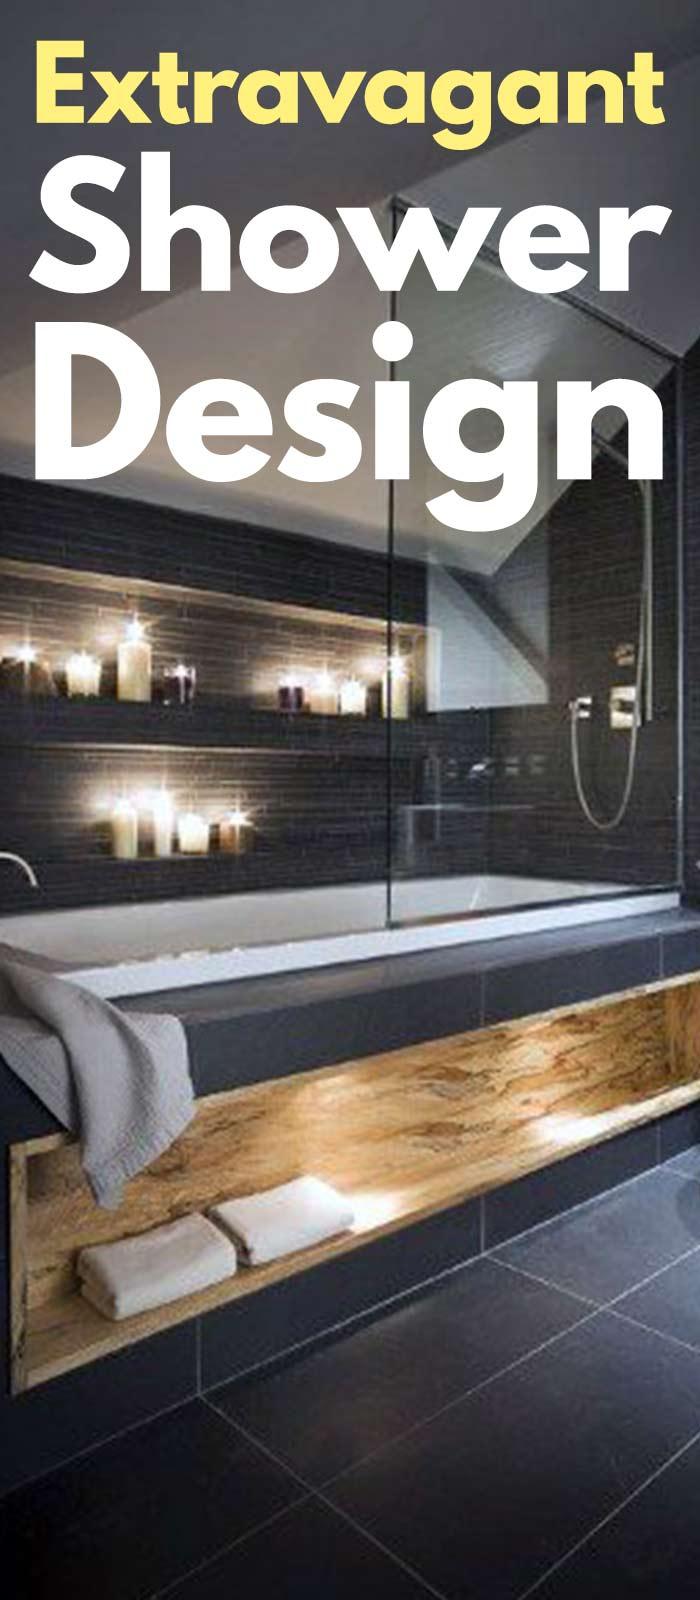 37 Extravagant Shower Design Ideas!